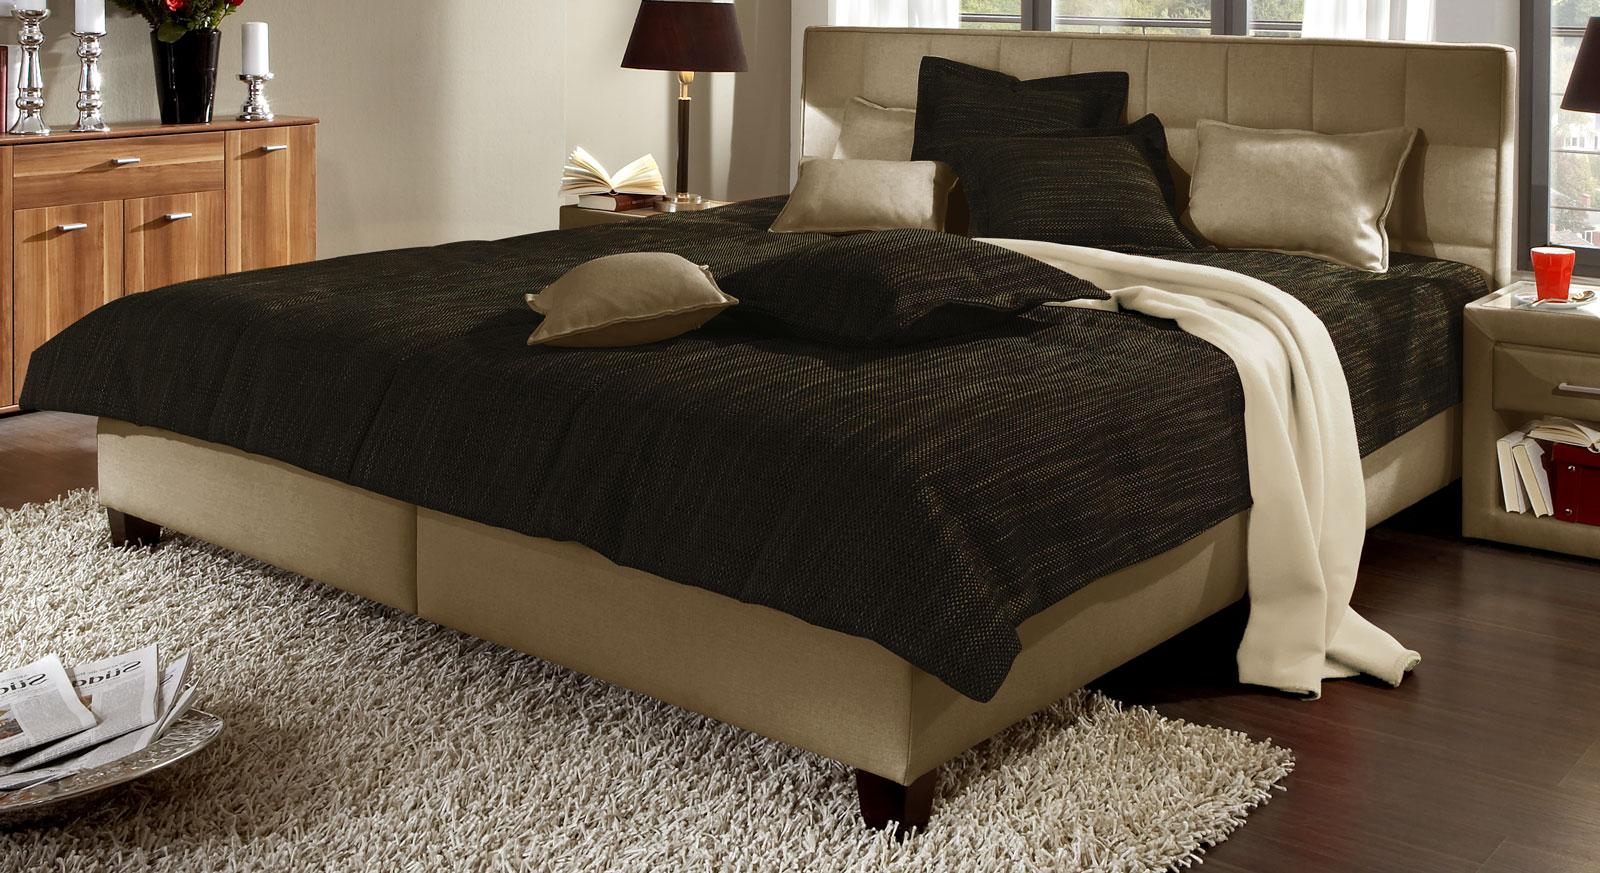 tagesdecke in grau mit landhaus optik kaufen sansone. Black Bedroom Furniture Sets. Home Design Ideas